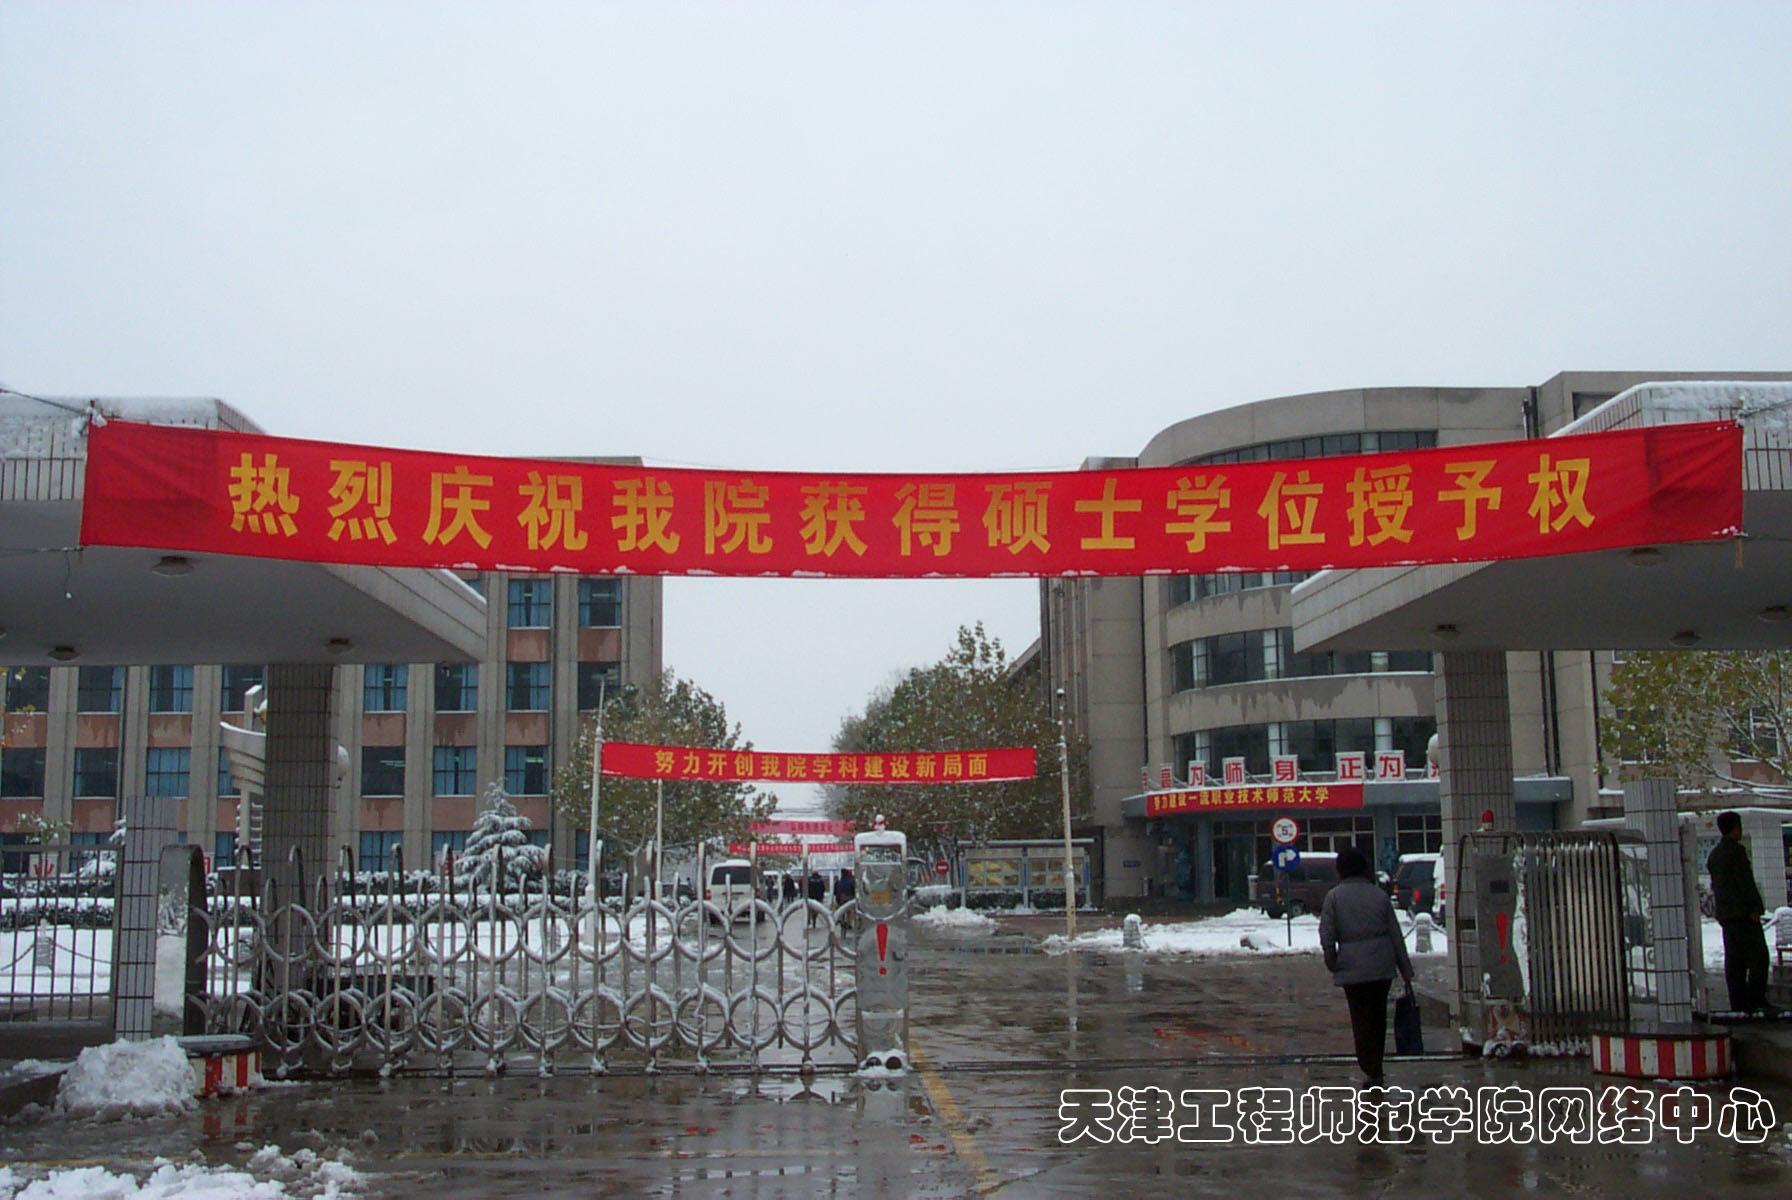 天津职业技术师范大学校园一角